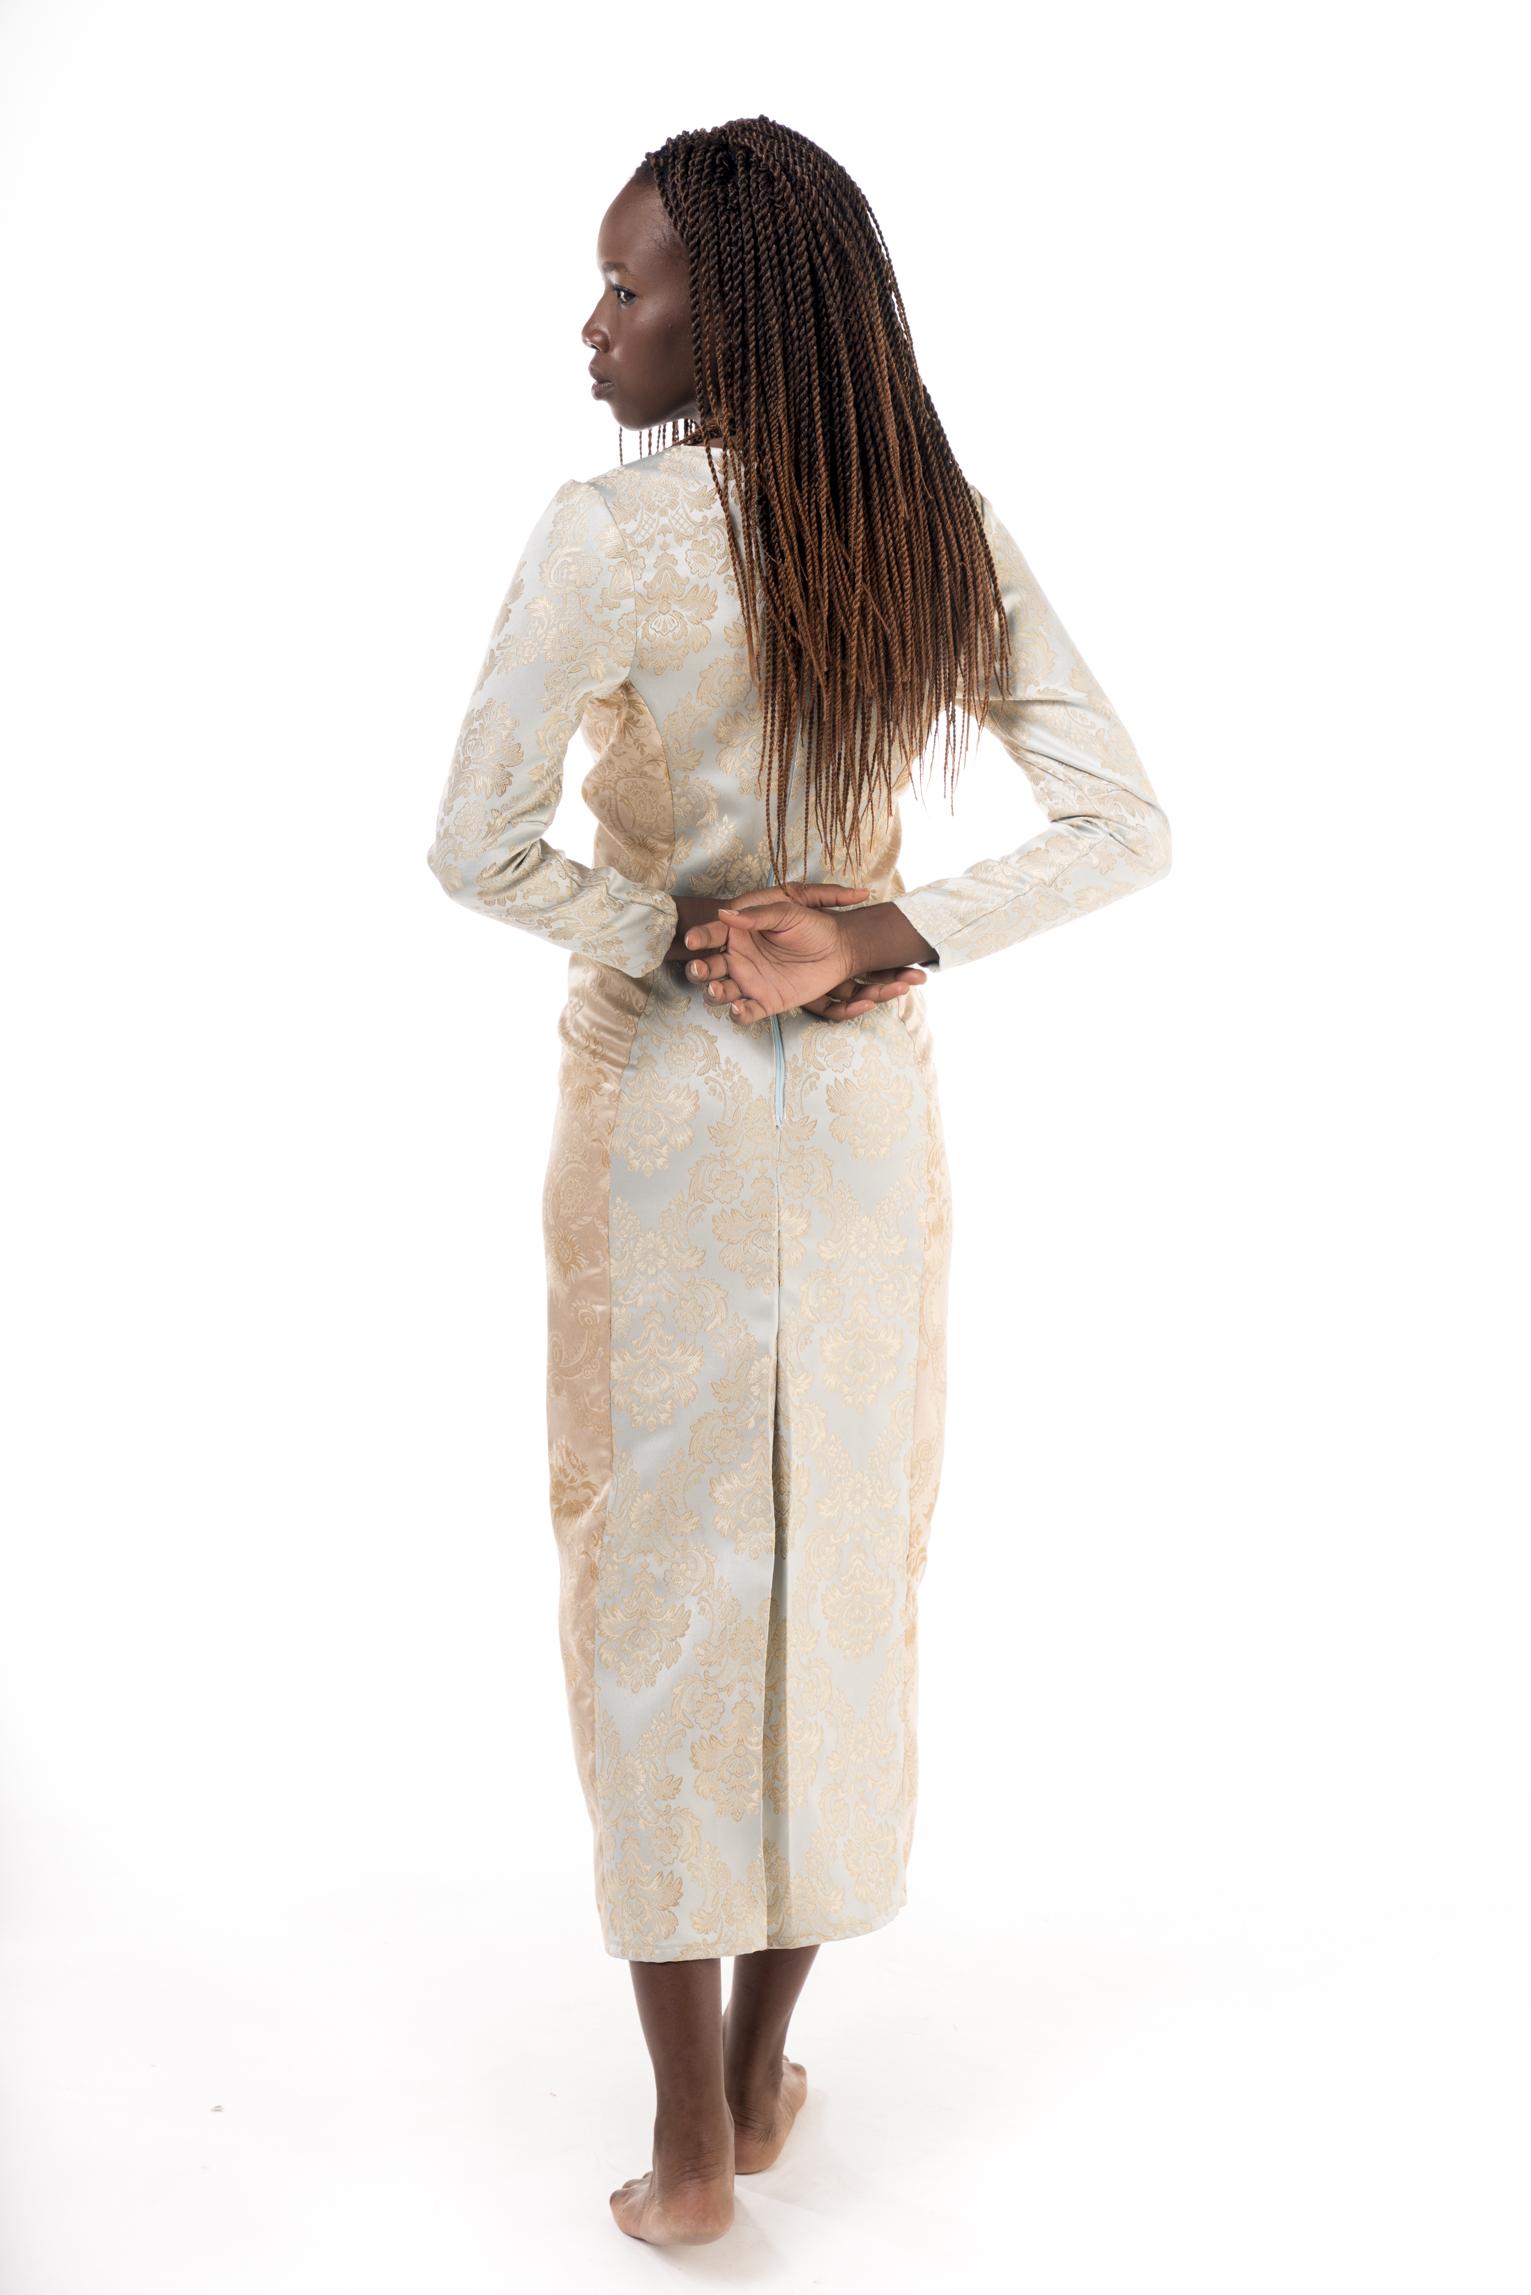 Dubay_Fashion_MinaSmithHodzik_WEB (67 of 89).jpg